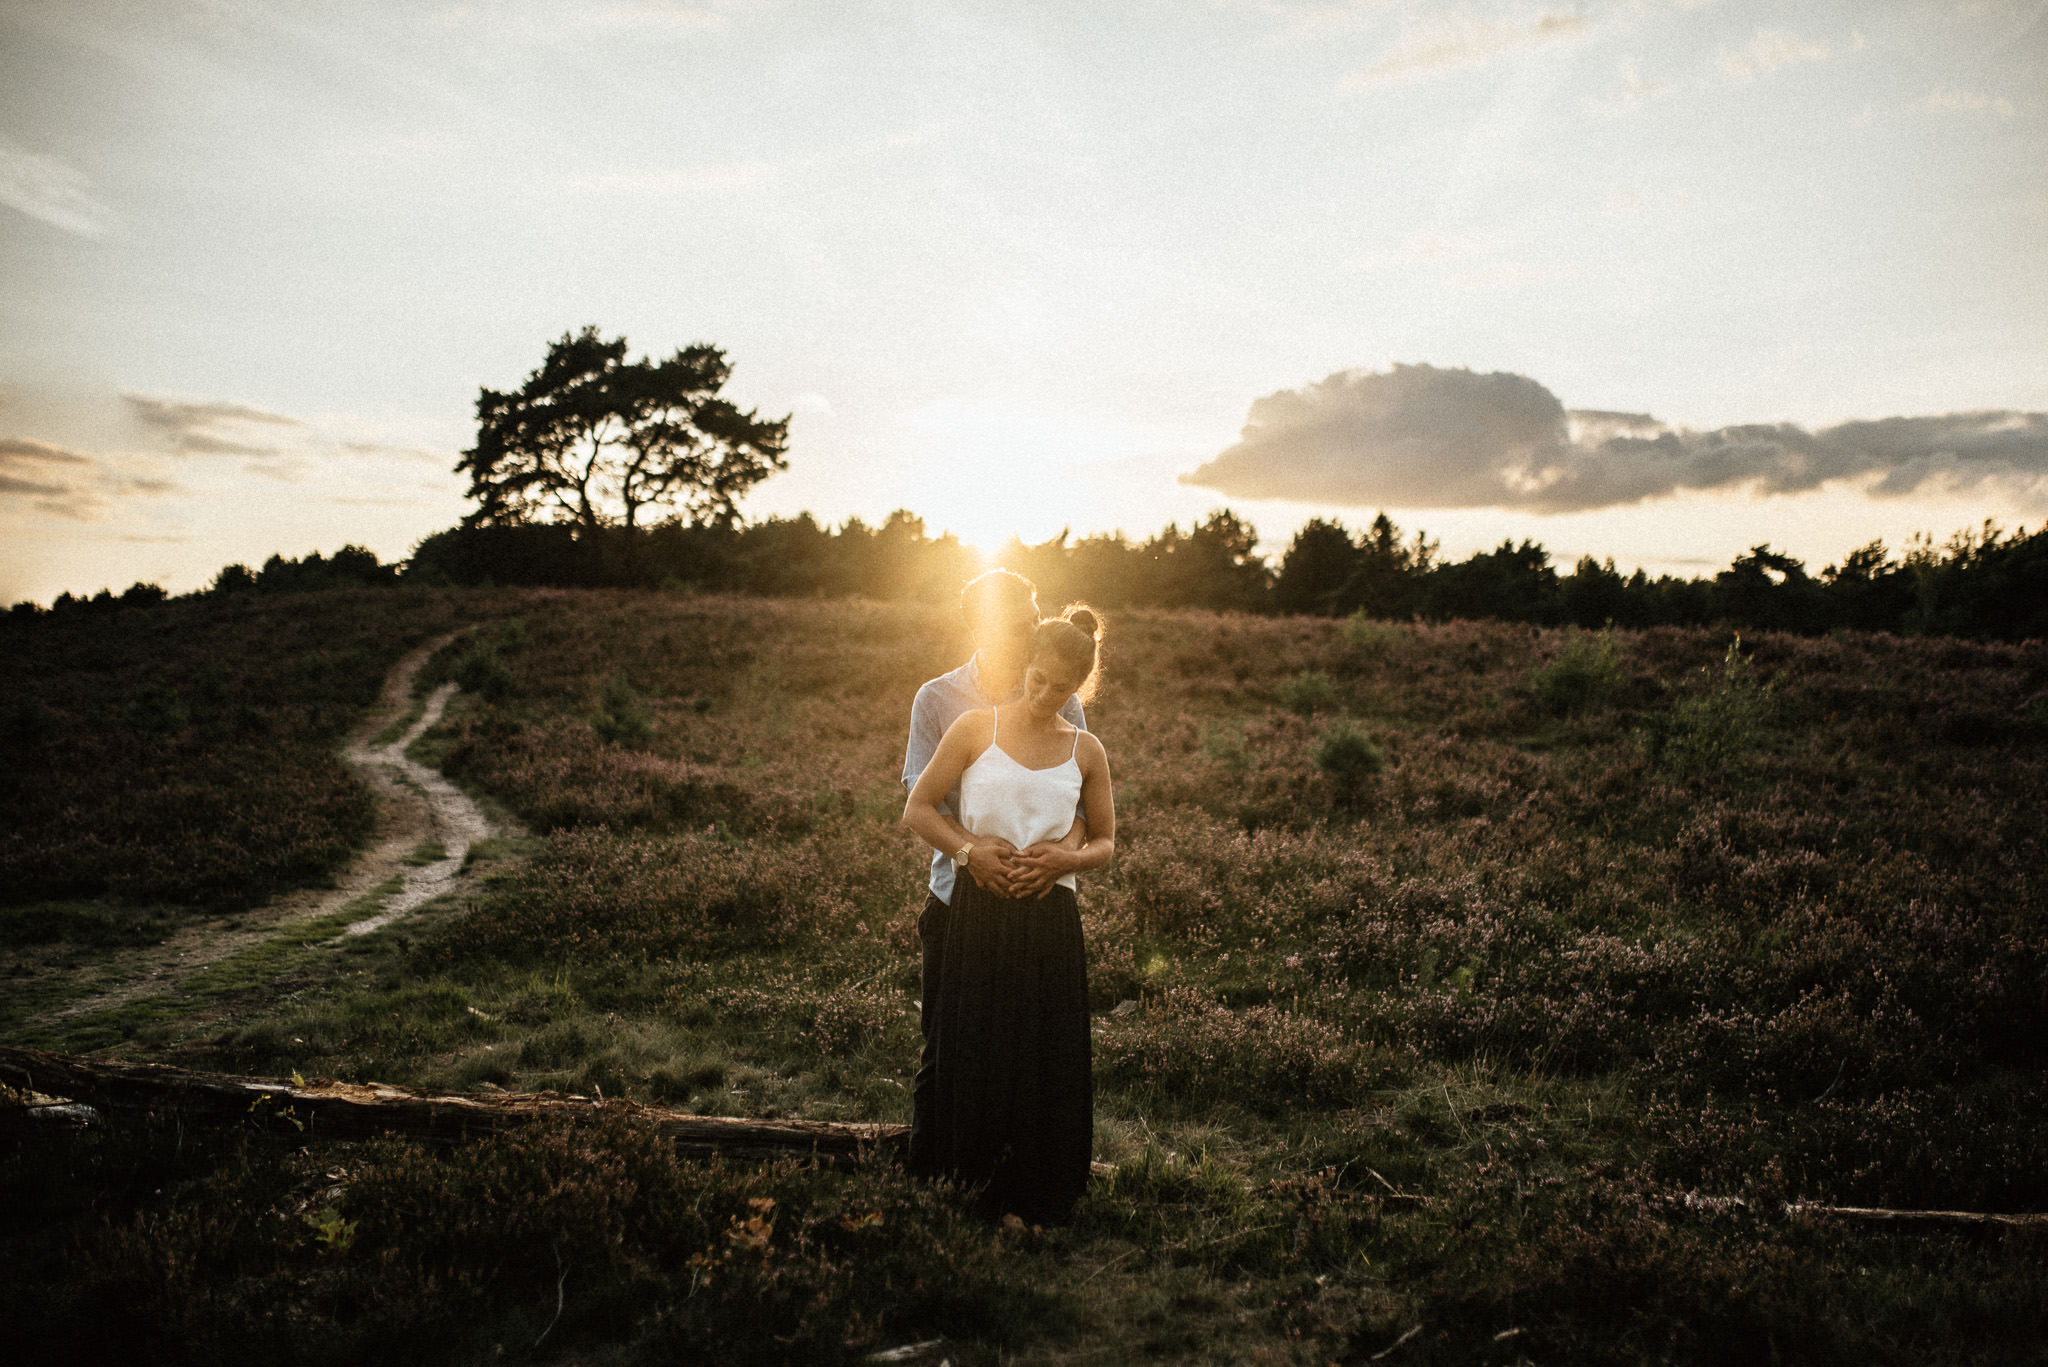 Timo Hess Fotografie - Engagementshooting Brunssummerheide - Hochzeitsreportagen Würzburg - Engagement